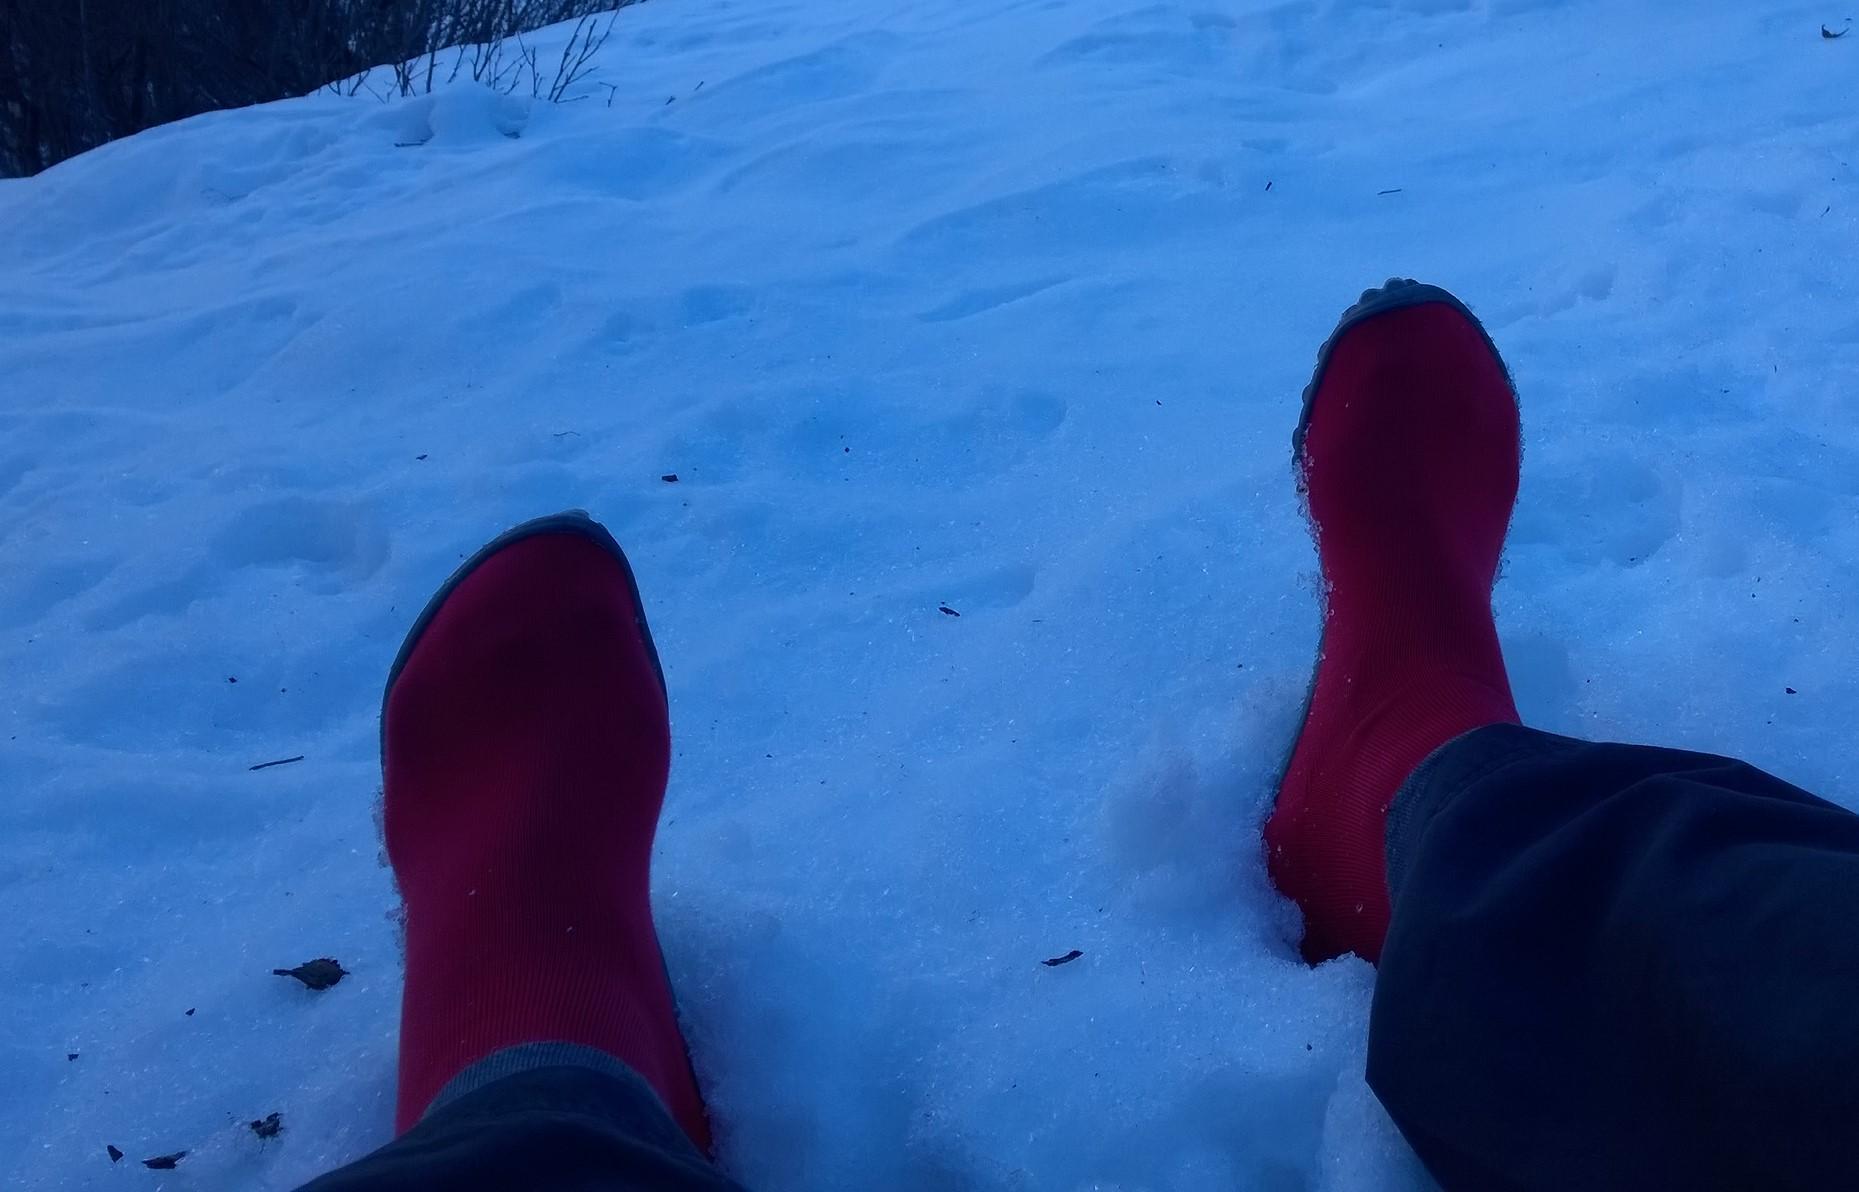 Auf dem Weg zur Ostpreußenhütte mit dem leguano classic rot.